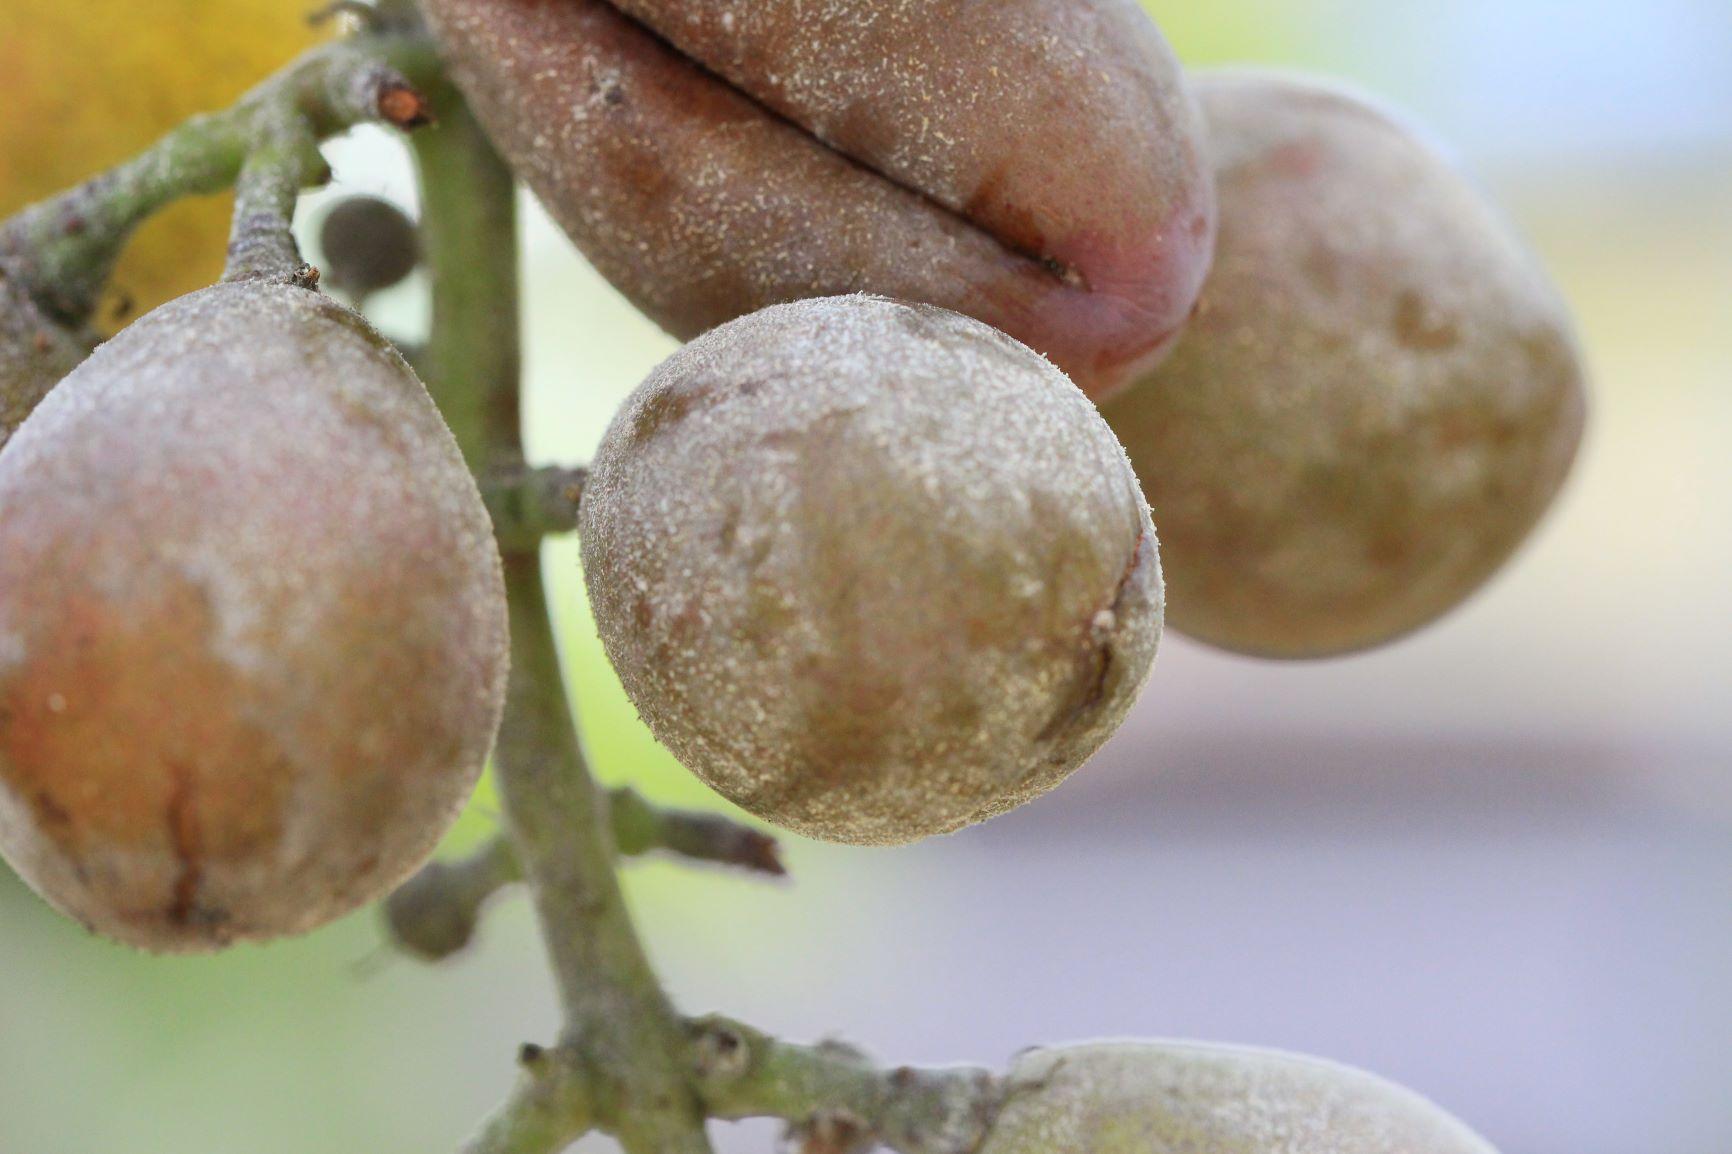 ぶどうの果実に白いカビがつく病気 ベト病